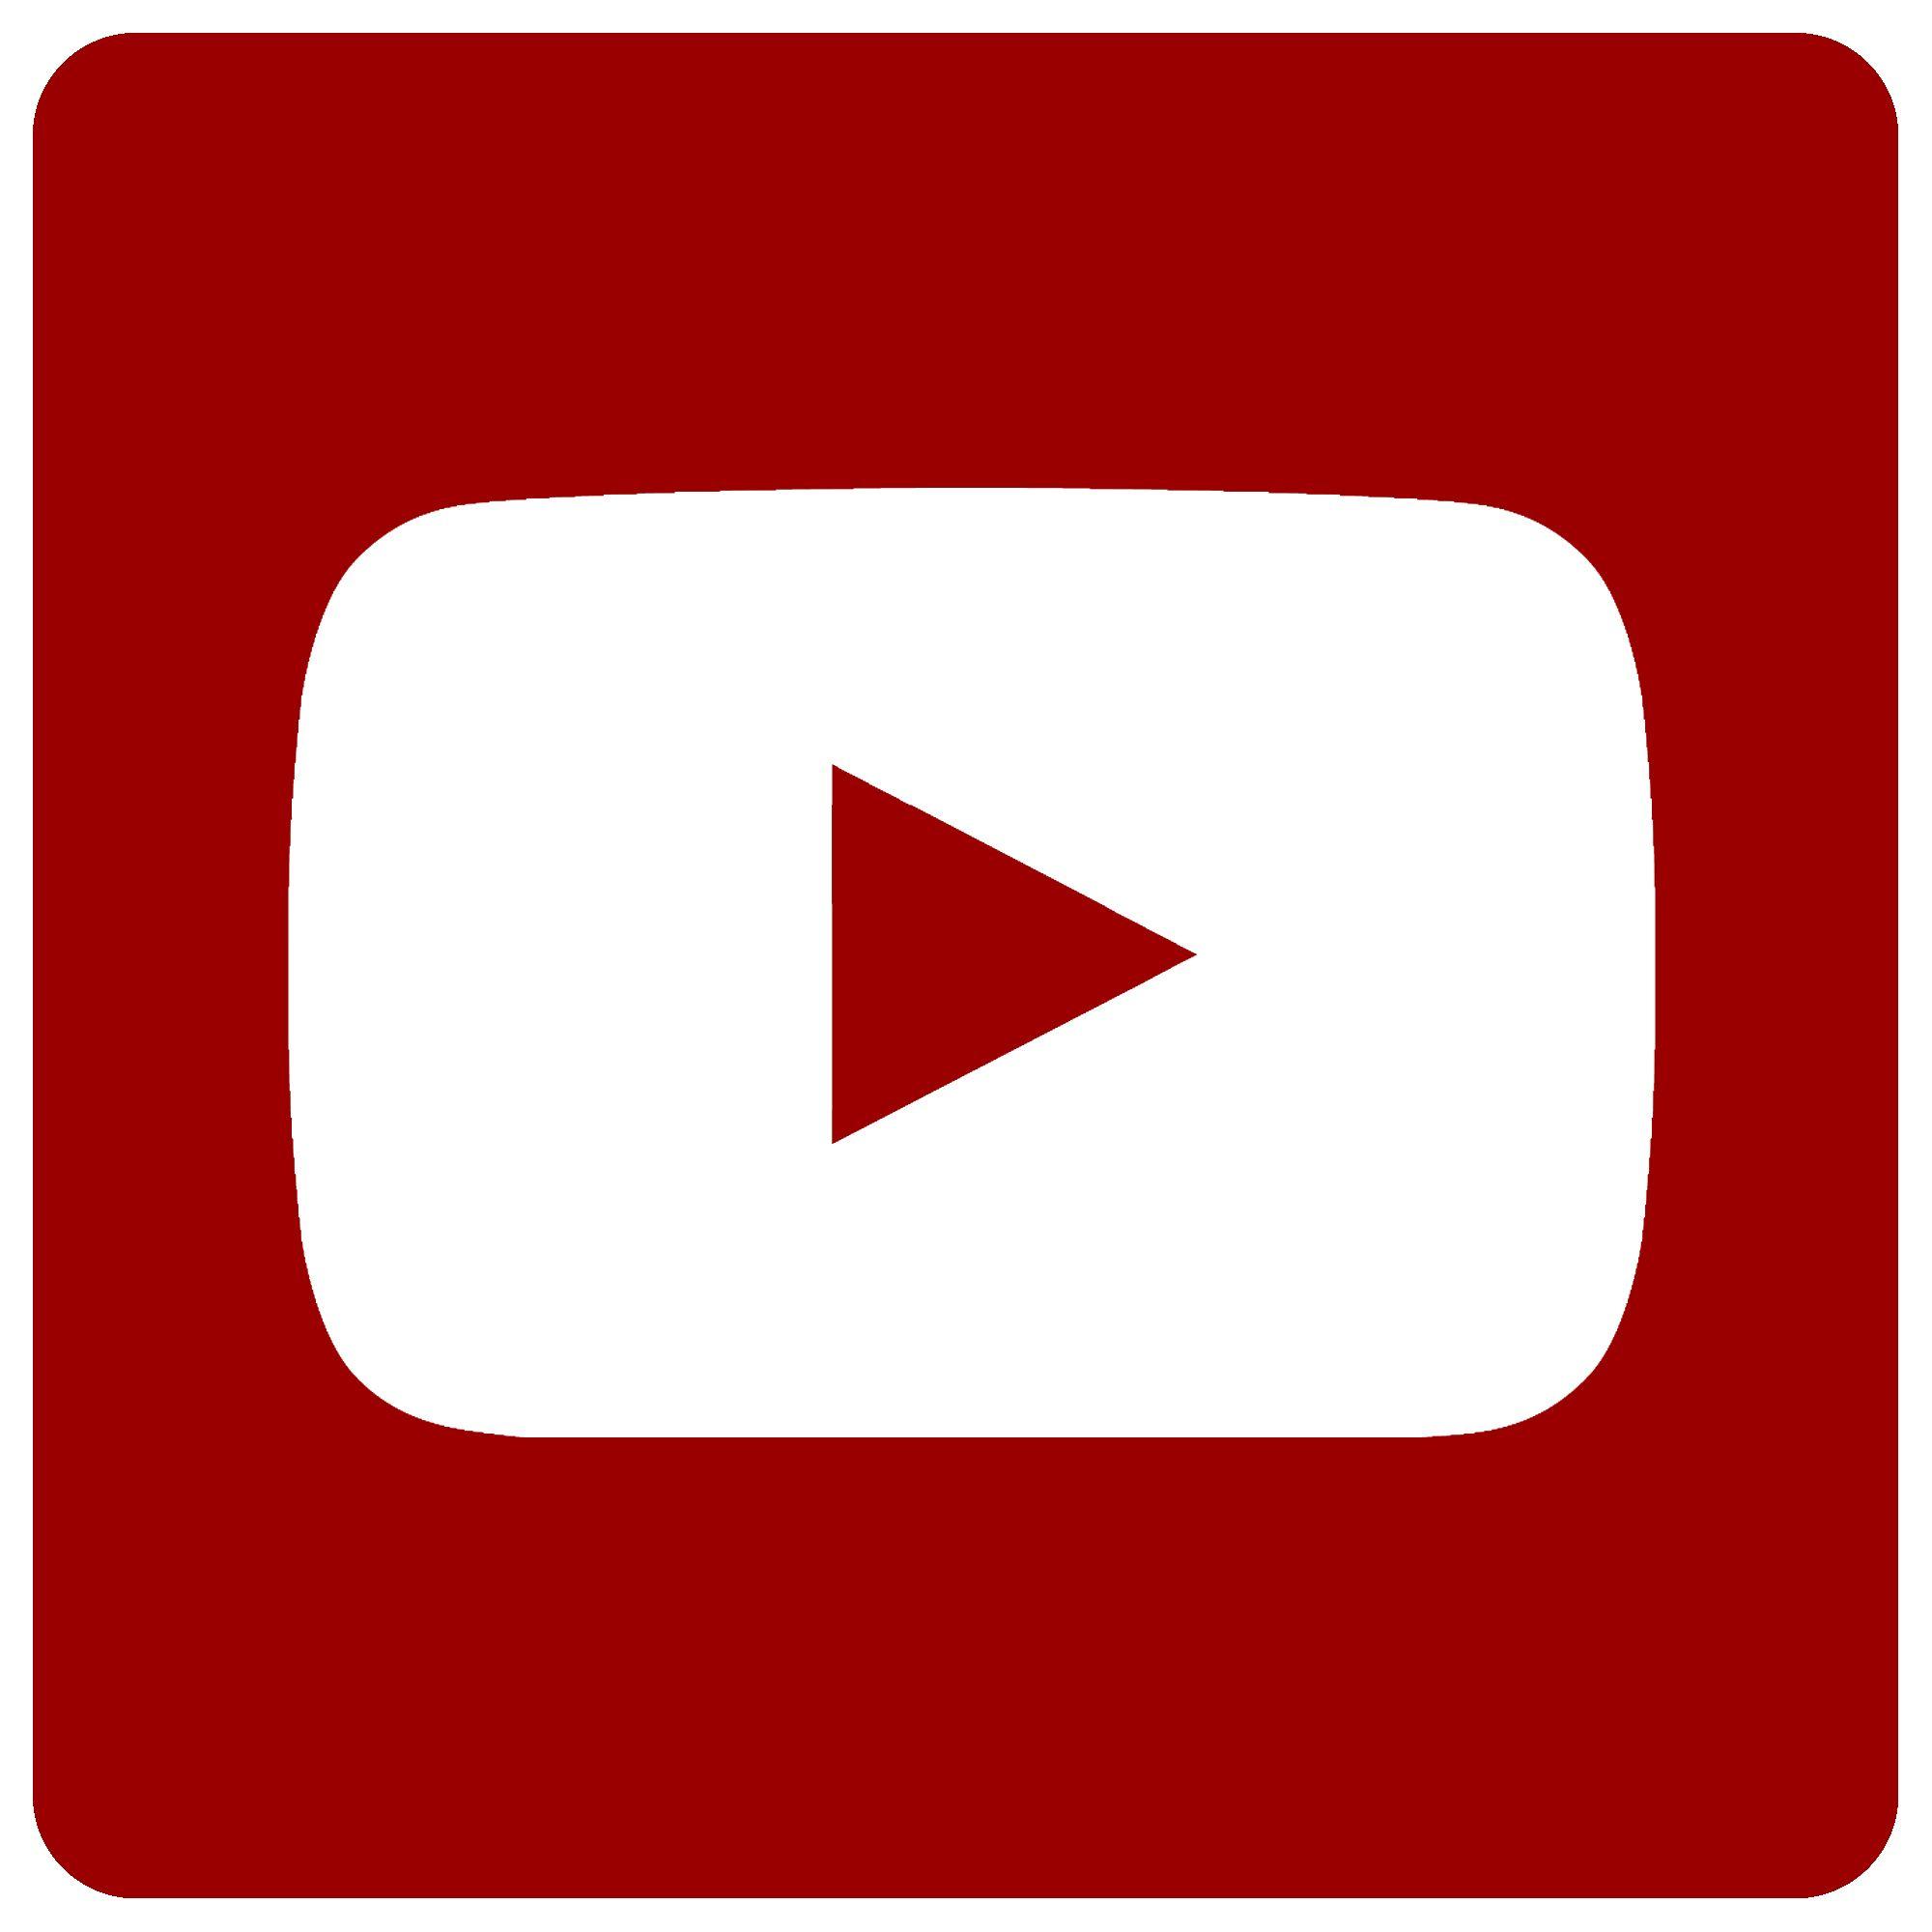 symbol logos YouTube Logo, YouTube Symbol, Meaning